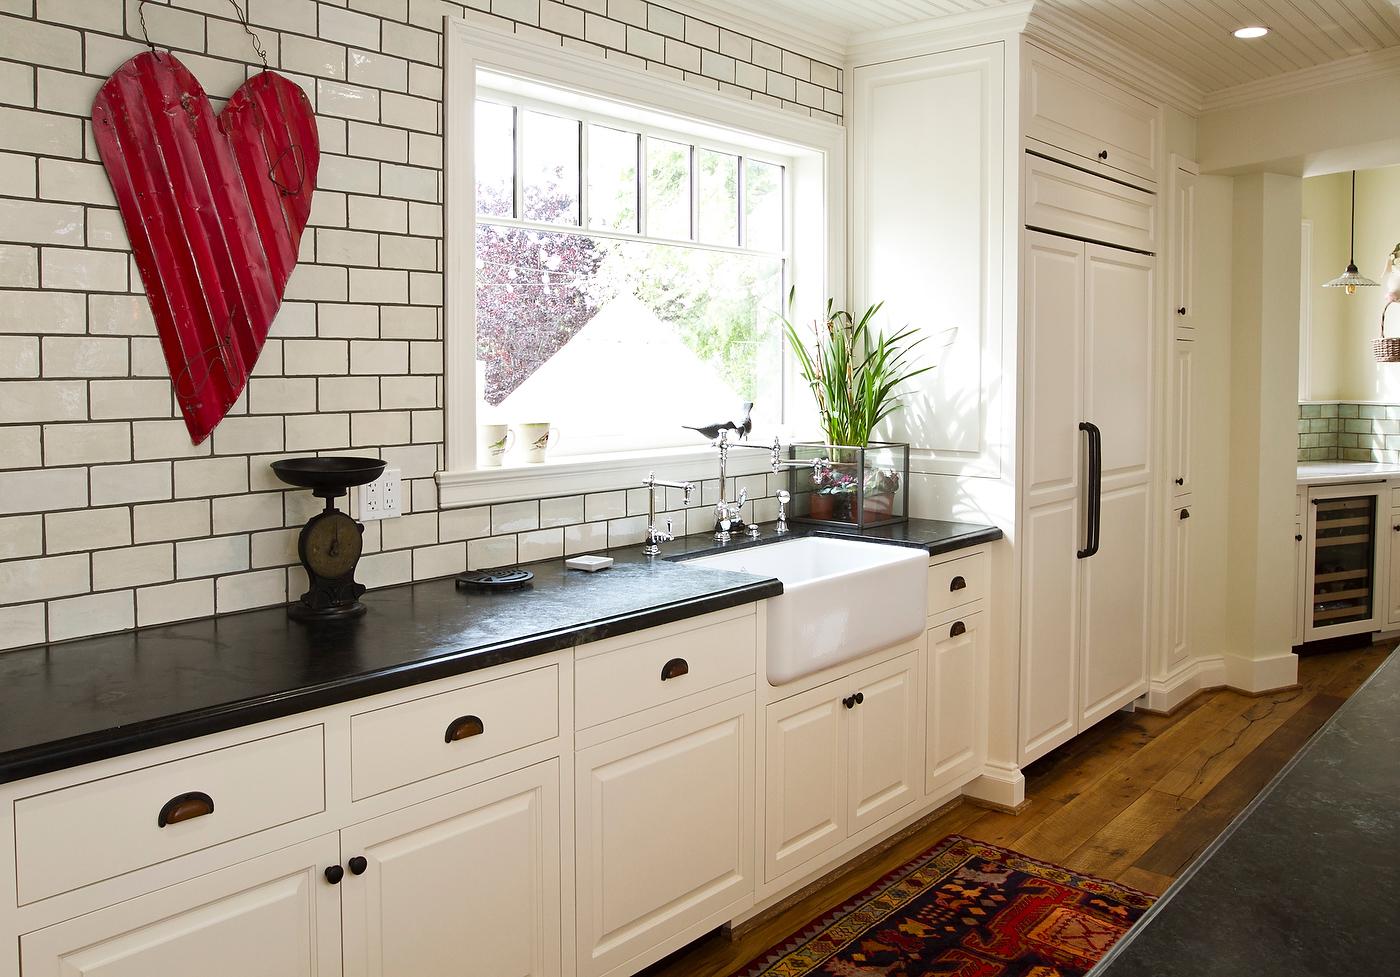 kitchens-indoor-01.jpg